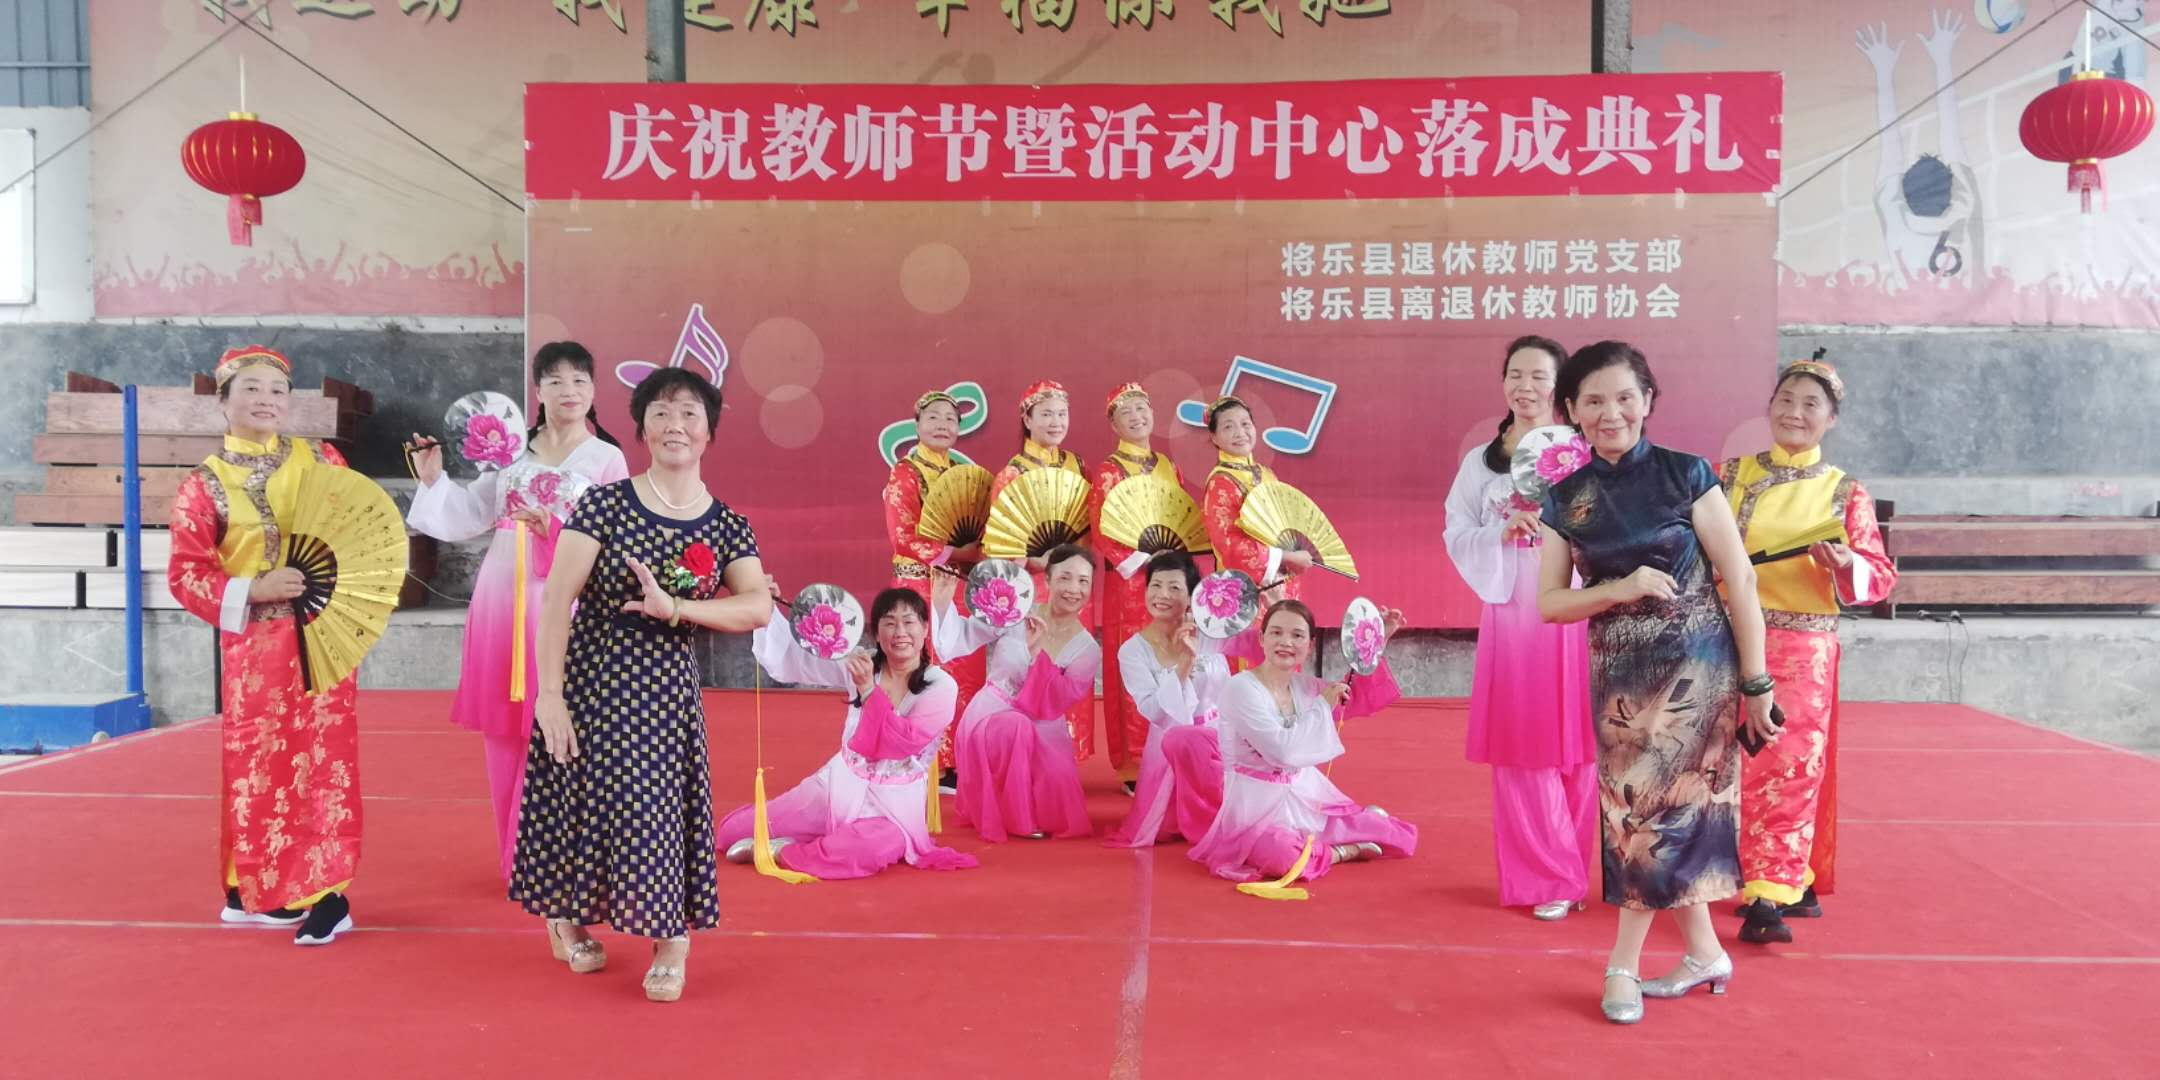 将乐教师退协举办庆祝教师节暨活动中心落成典礼活动.jpg